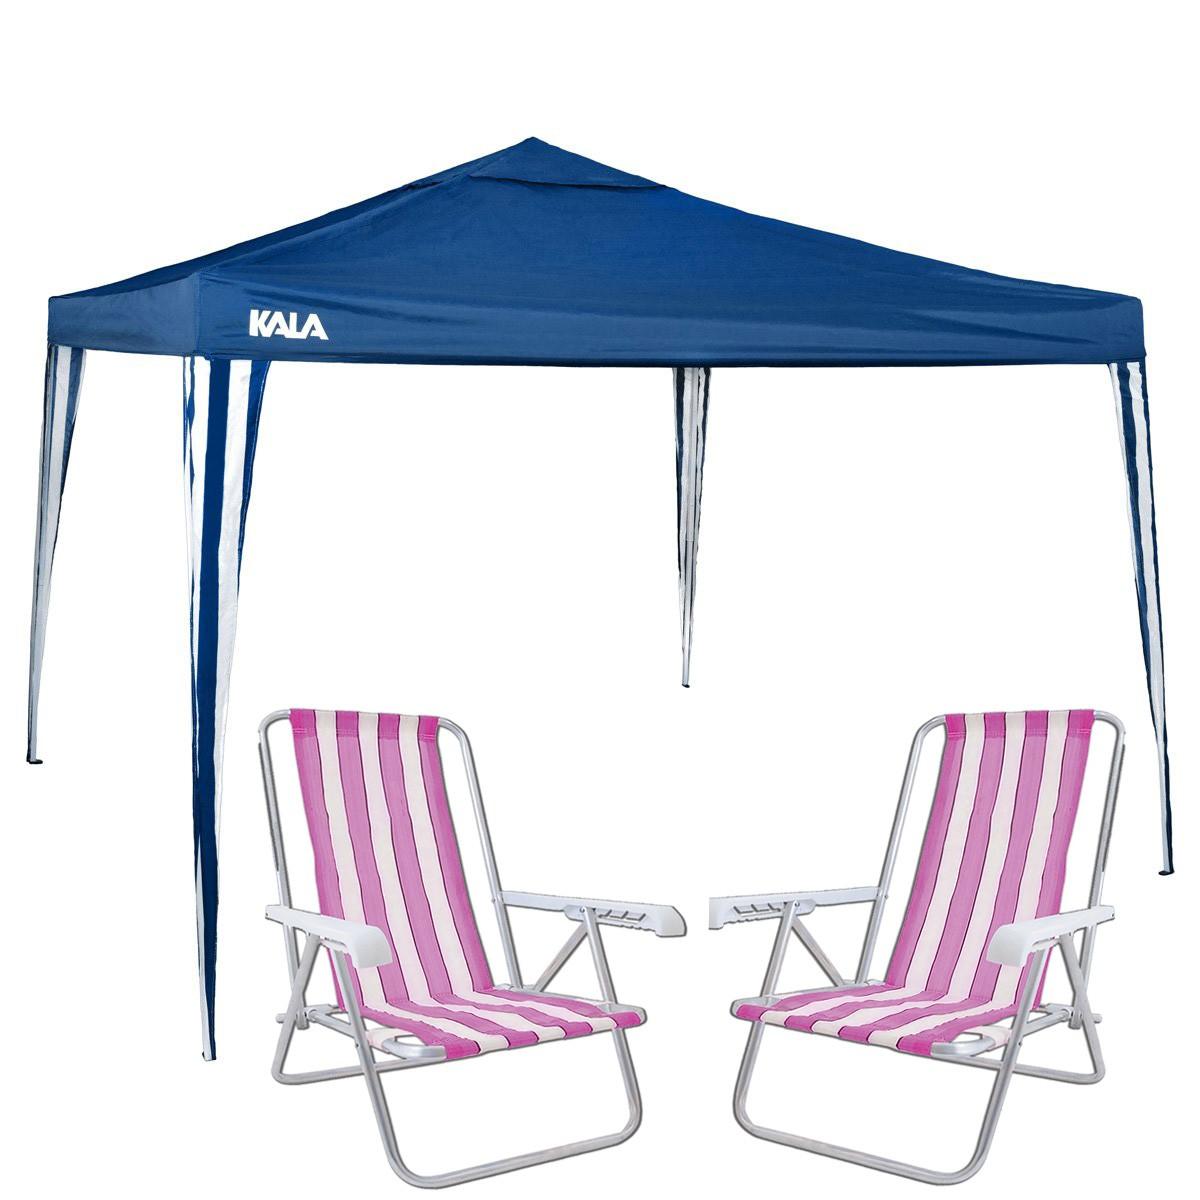 Kit Verão Gazebo Tenda 3x3 Articulado Com 2 Cadeiras Praia